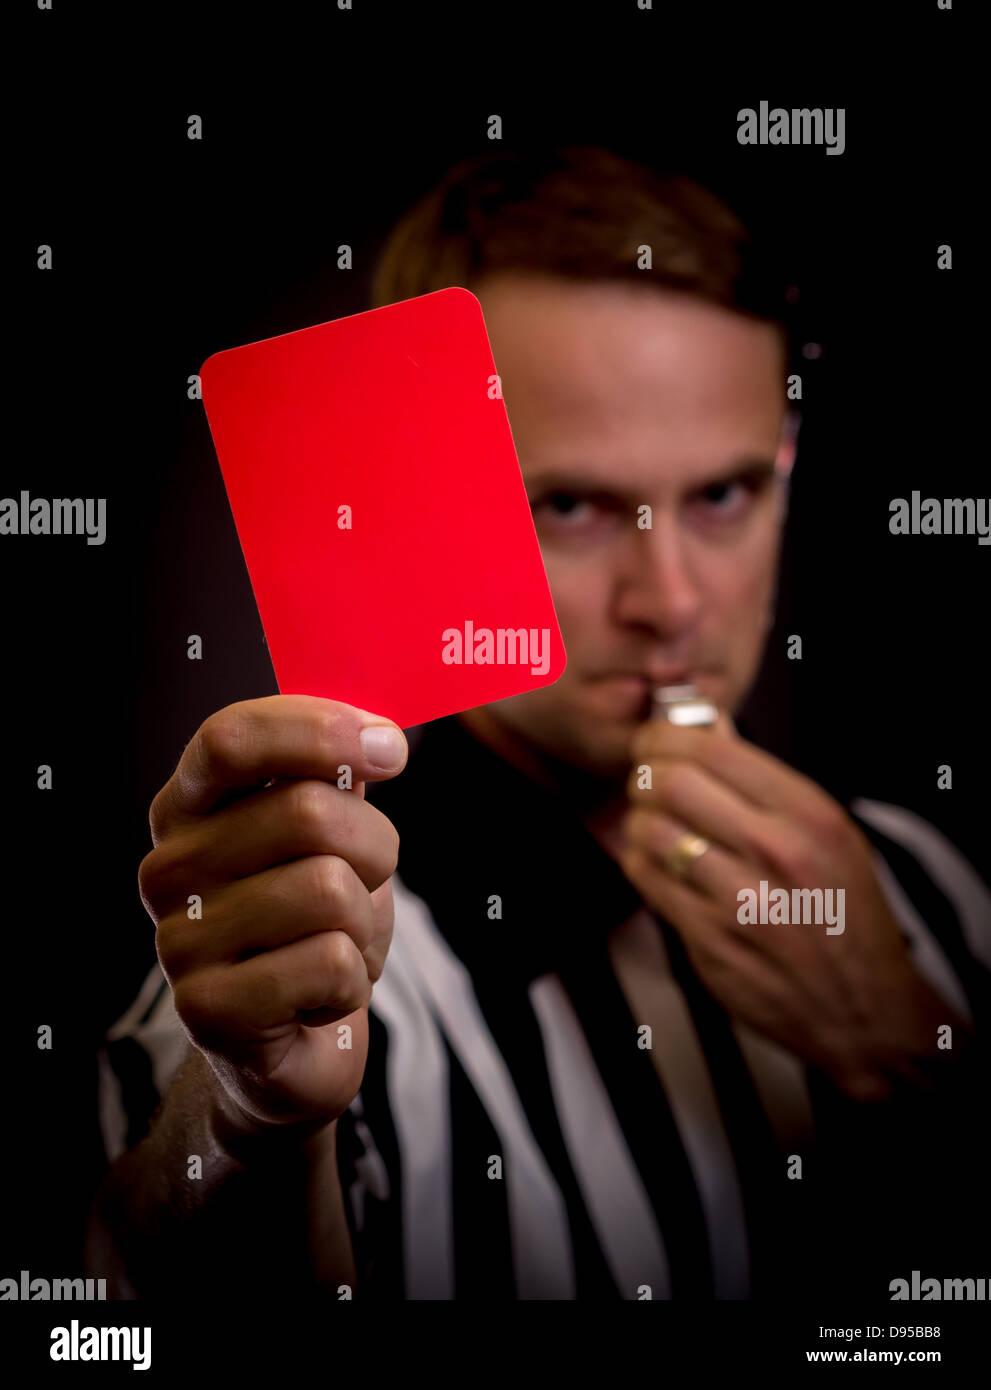 Schiedsrichter halten rote Karte für foul Konzept Stockbild